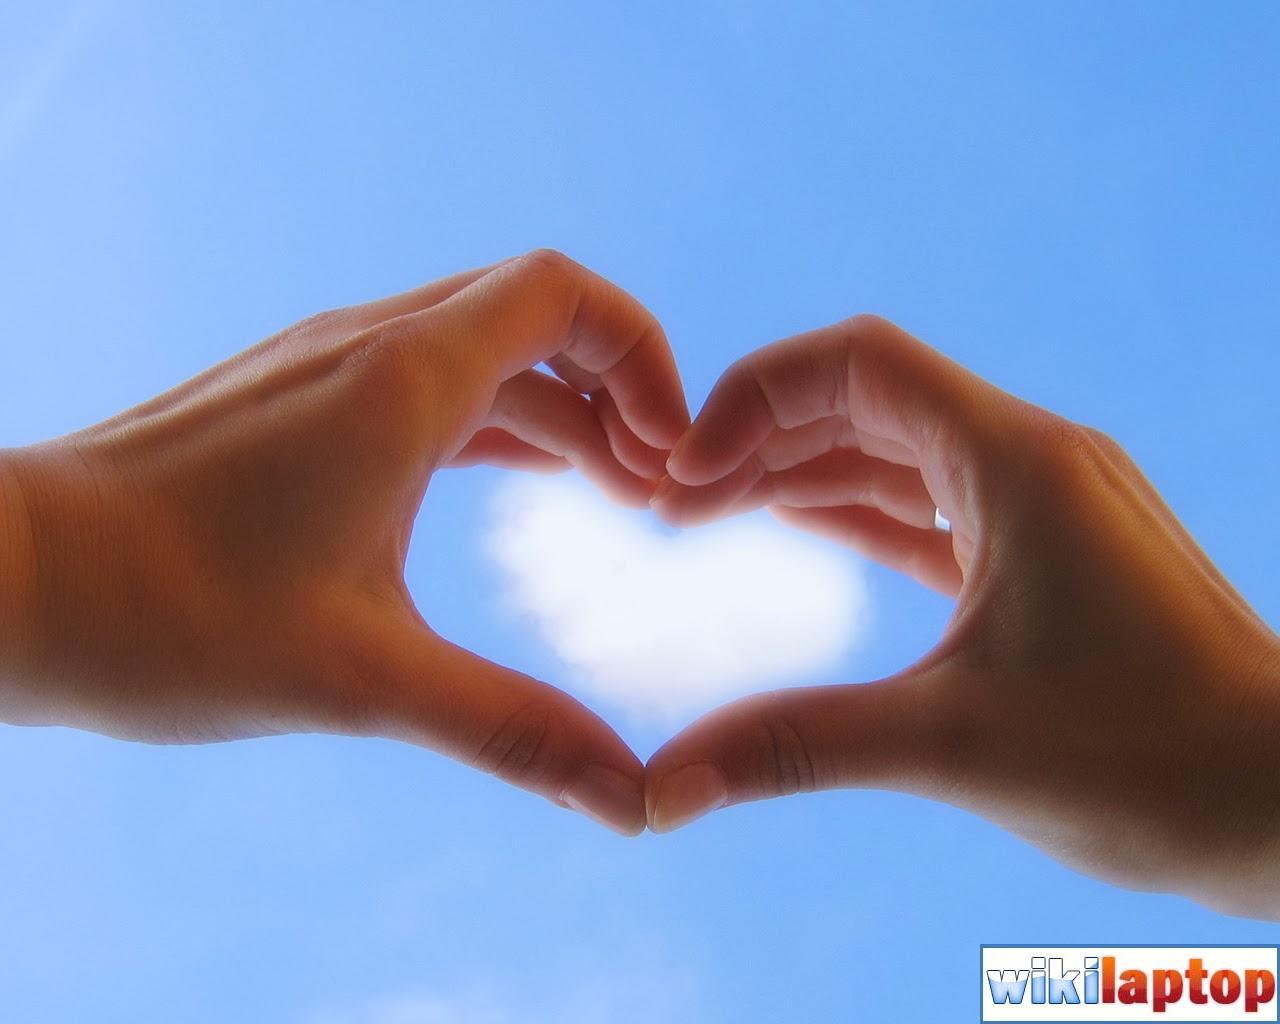 hình ảnh tình yêu ý nghĩa